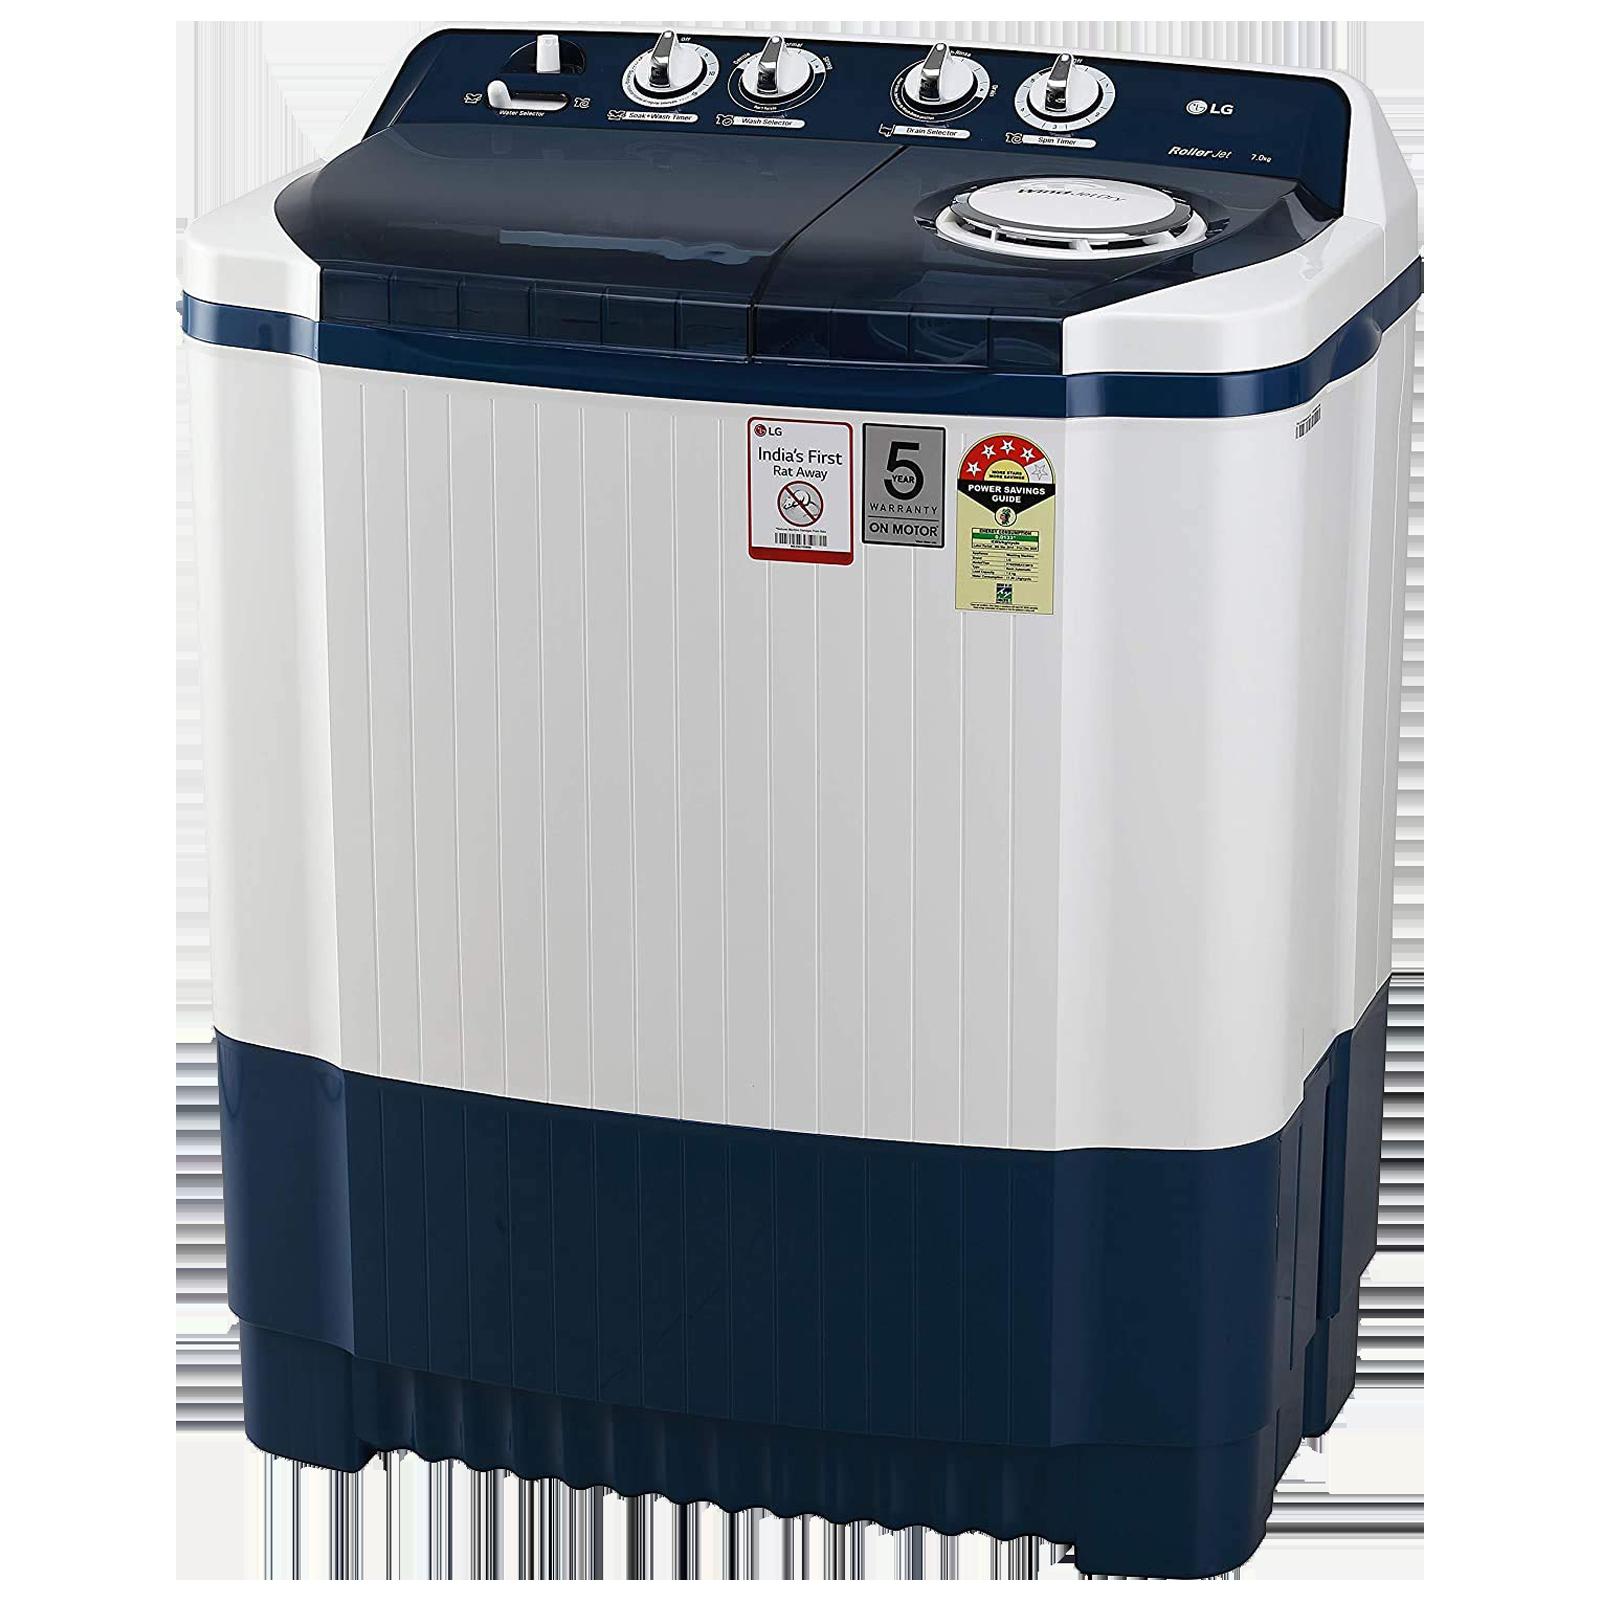 LG 7 kg 4 Star Semi-Automatic Top Load Washing Machine (Auto Restart, P7025SBAY.ADBQEIL, Dark Blue)_3